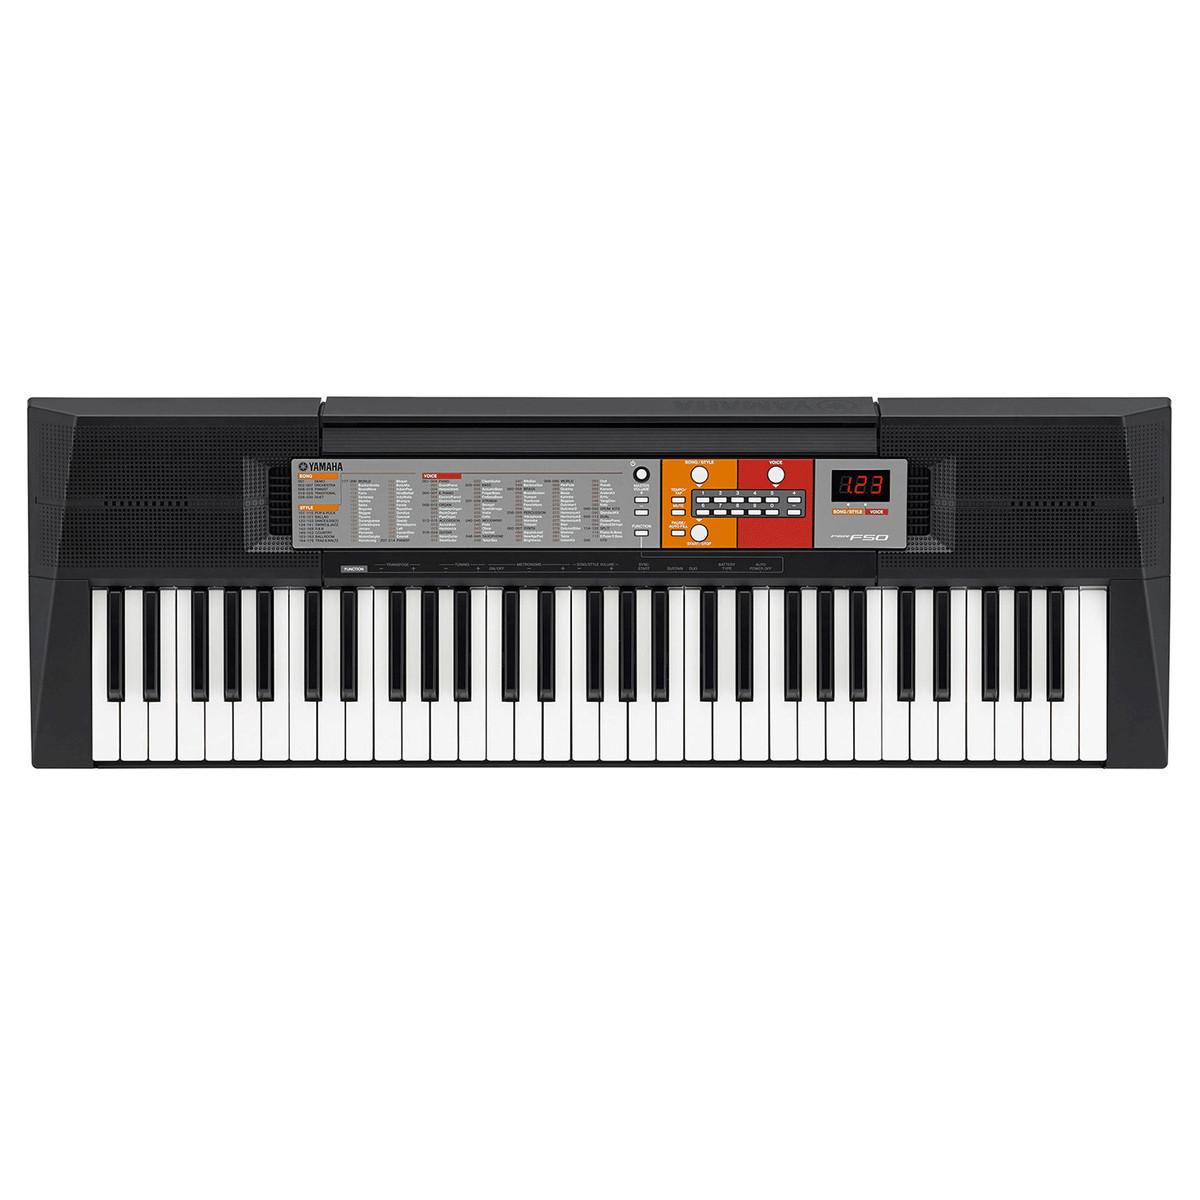 Yamaha psr f50 portable keyboard b stock gear4music for Yamaha piano keyboard 61 key psr 180